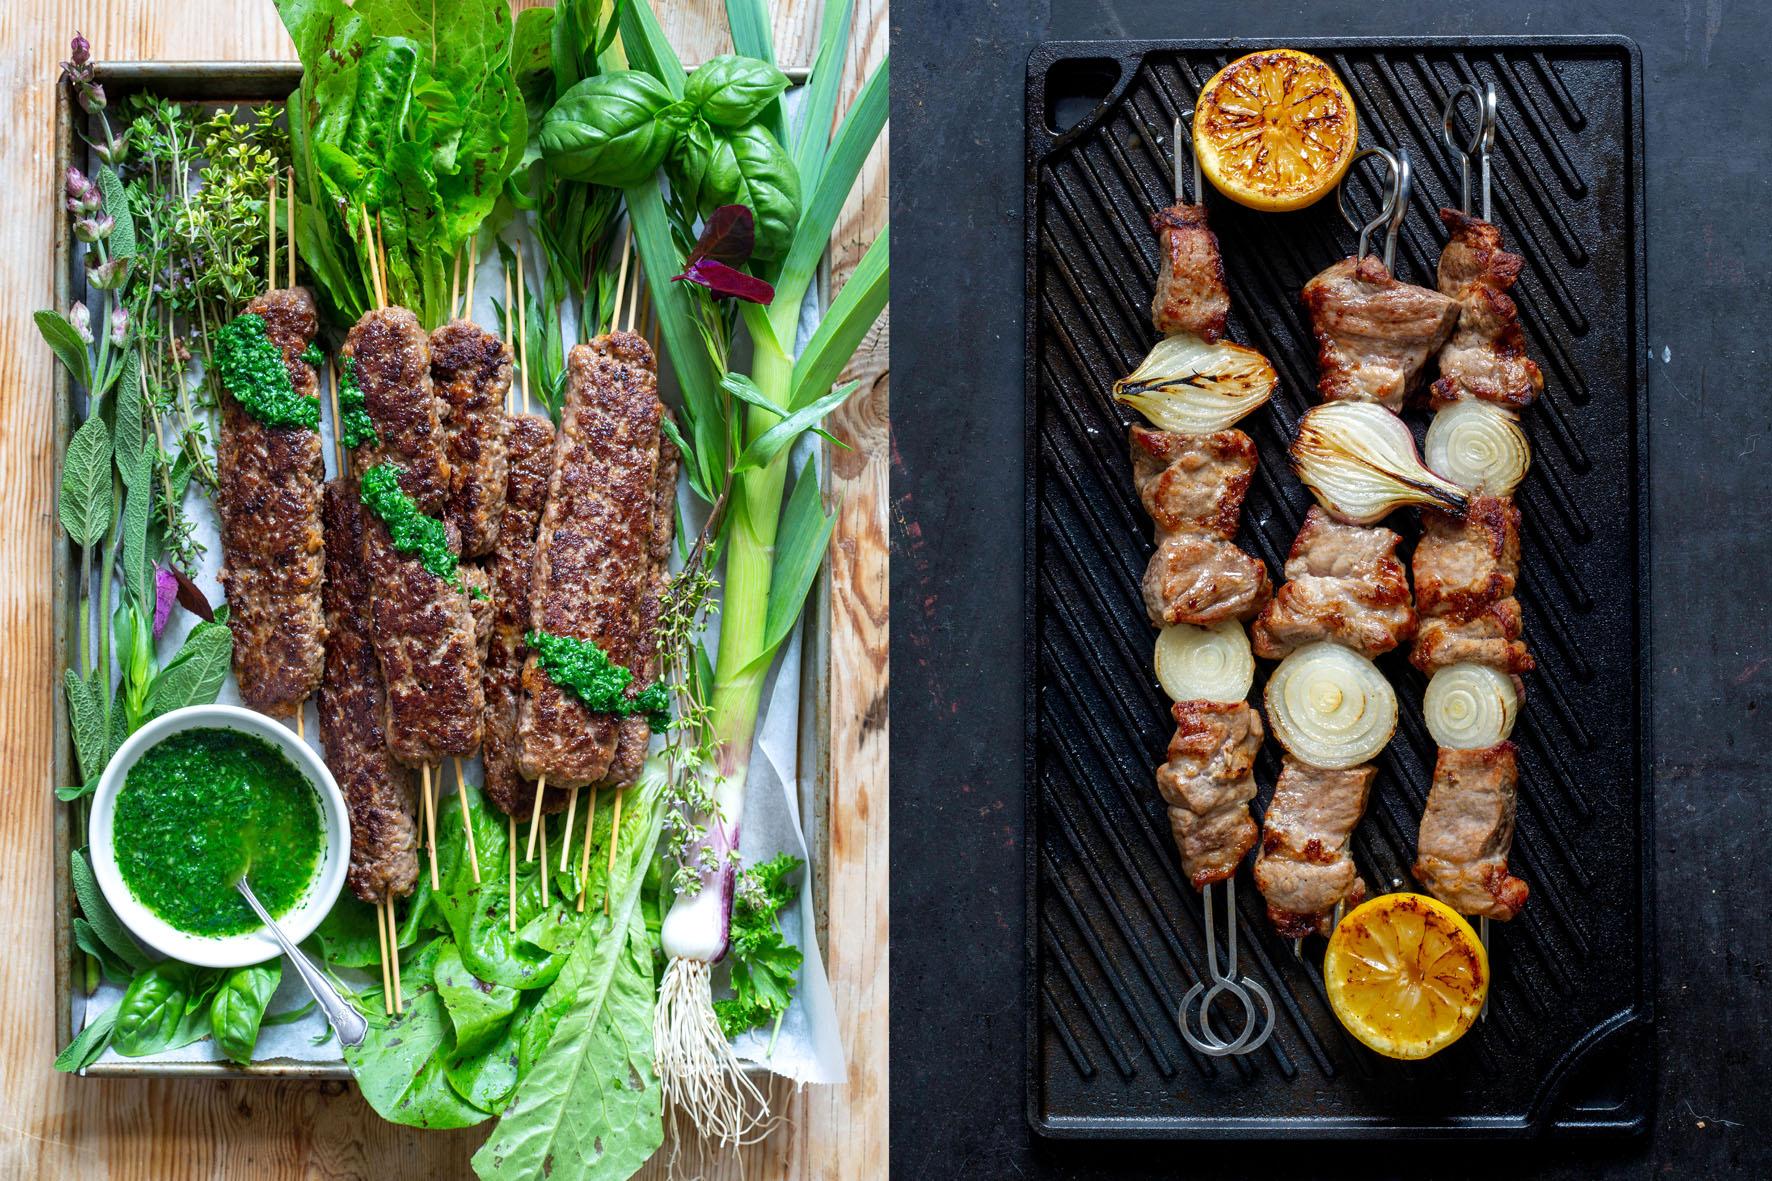 skogtillbord-grilla-köttspett-juli21